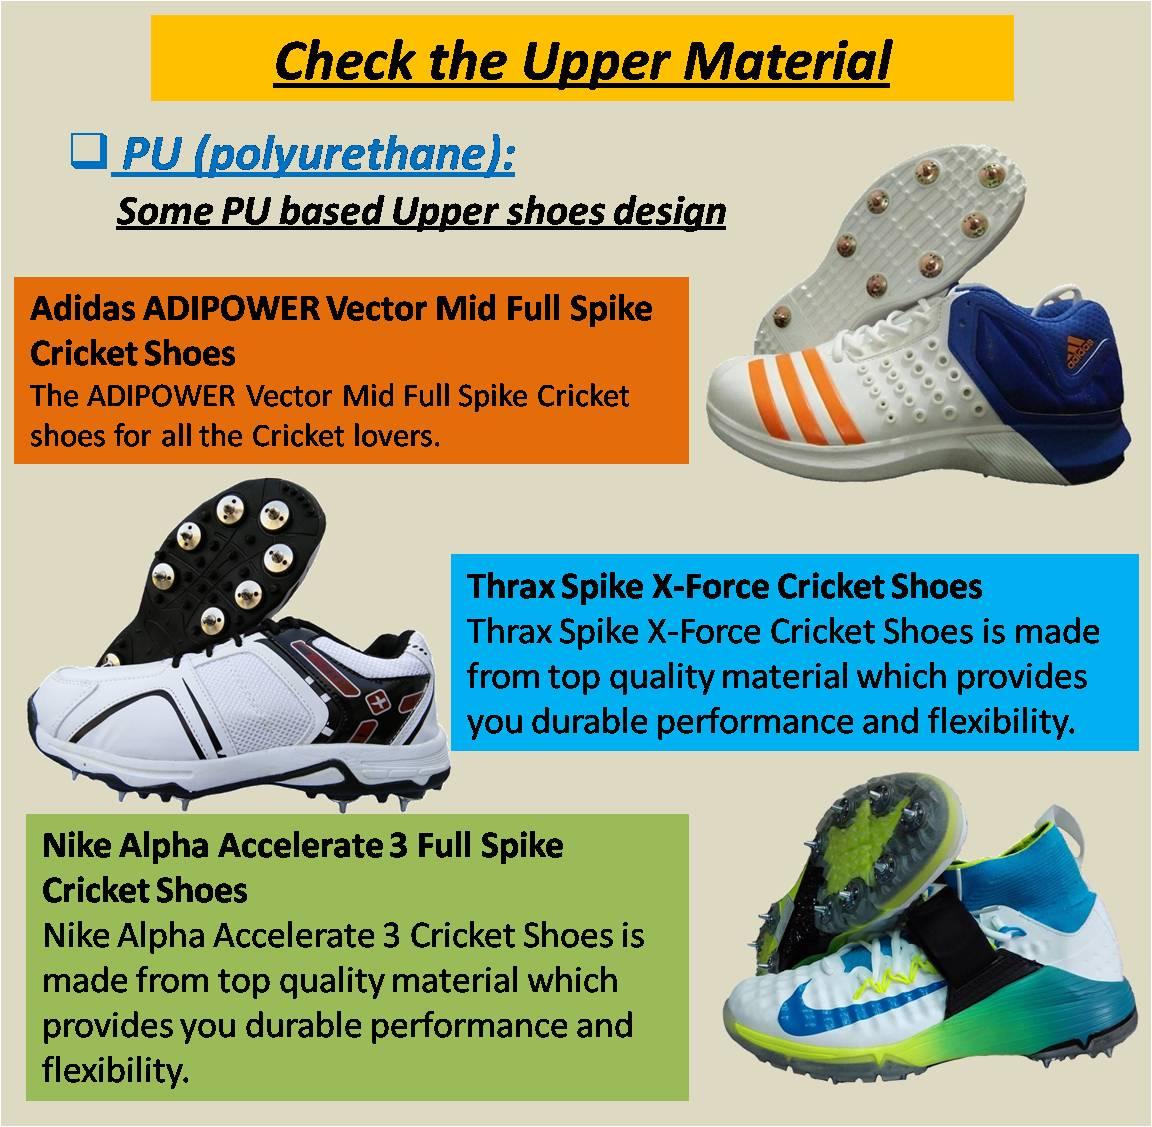 PU Upper Material 5